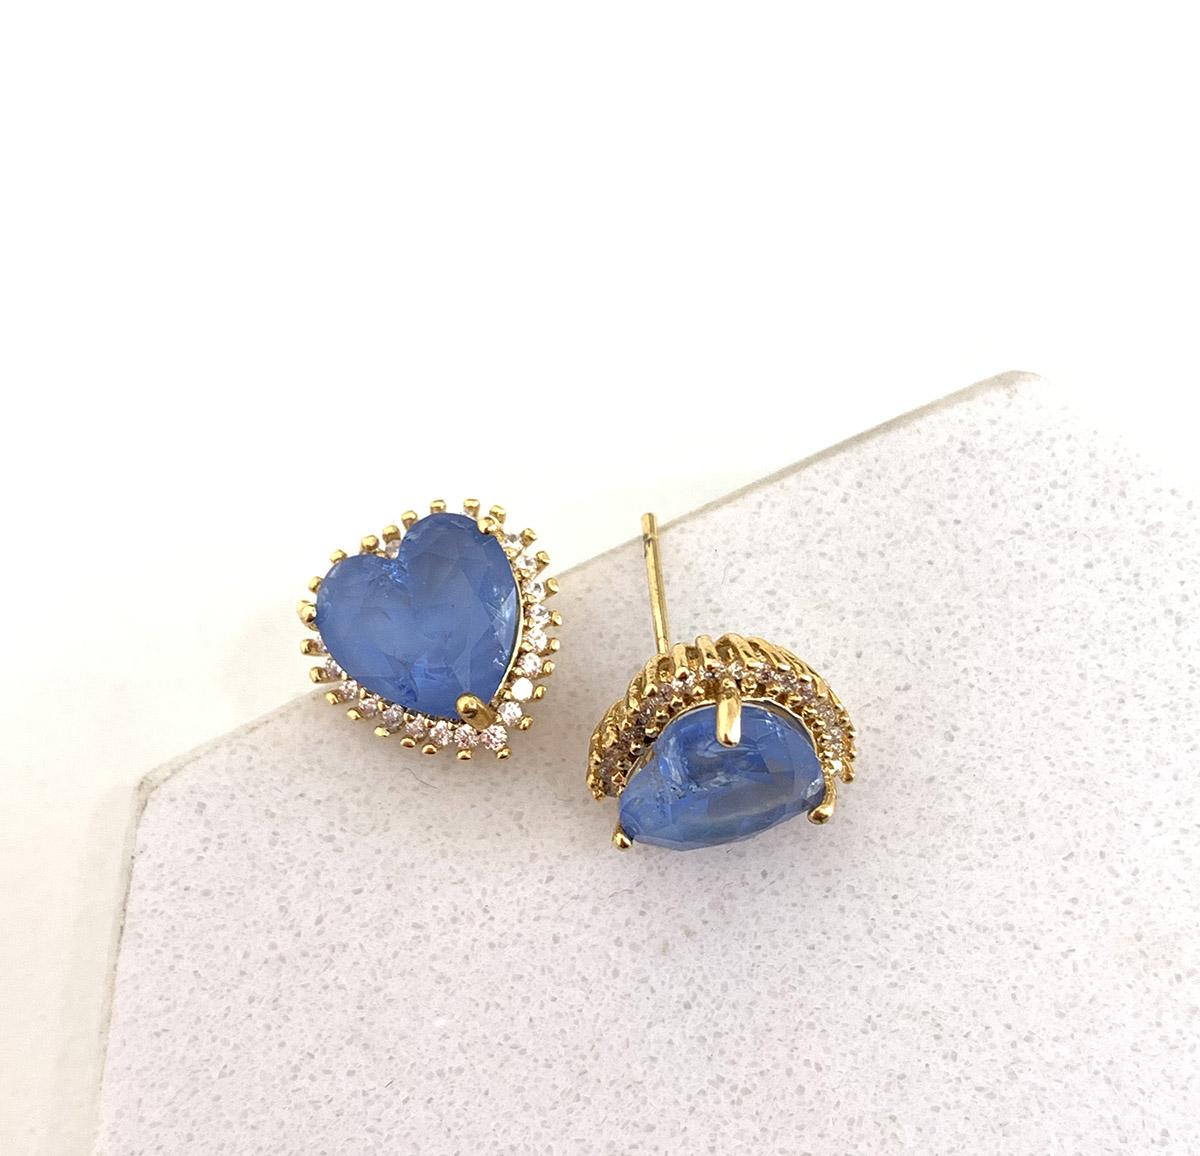 Brinco Folheado a Ouro 18k Pedra Azul Coração Zircônias